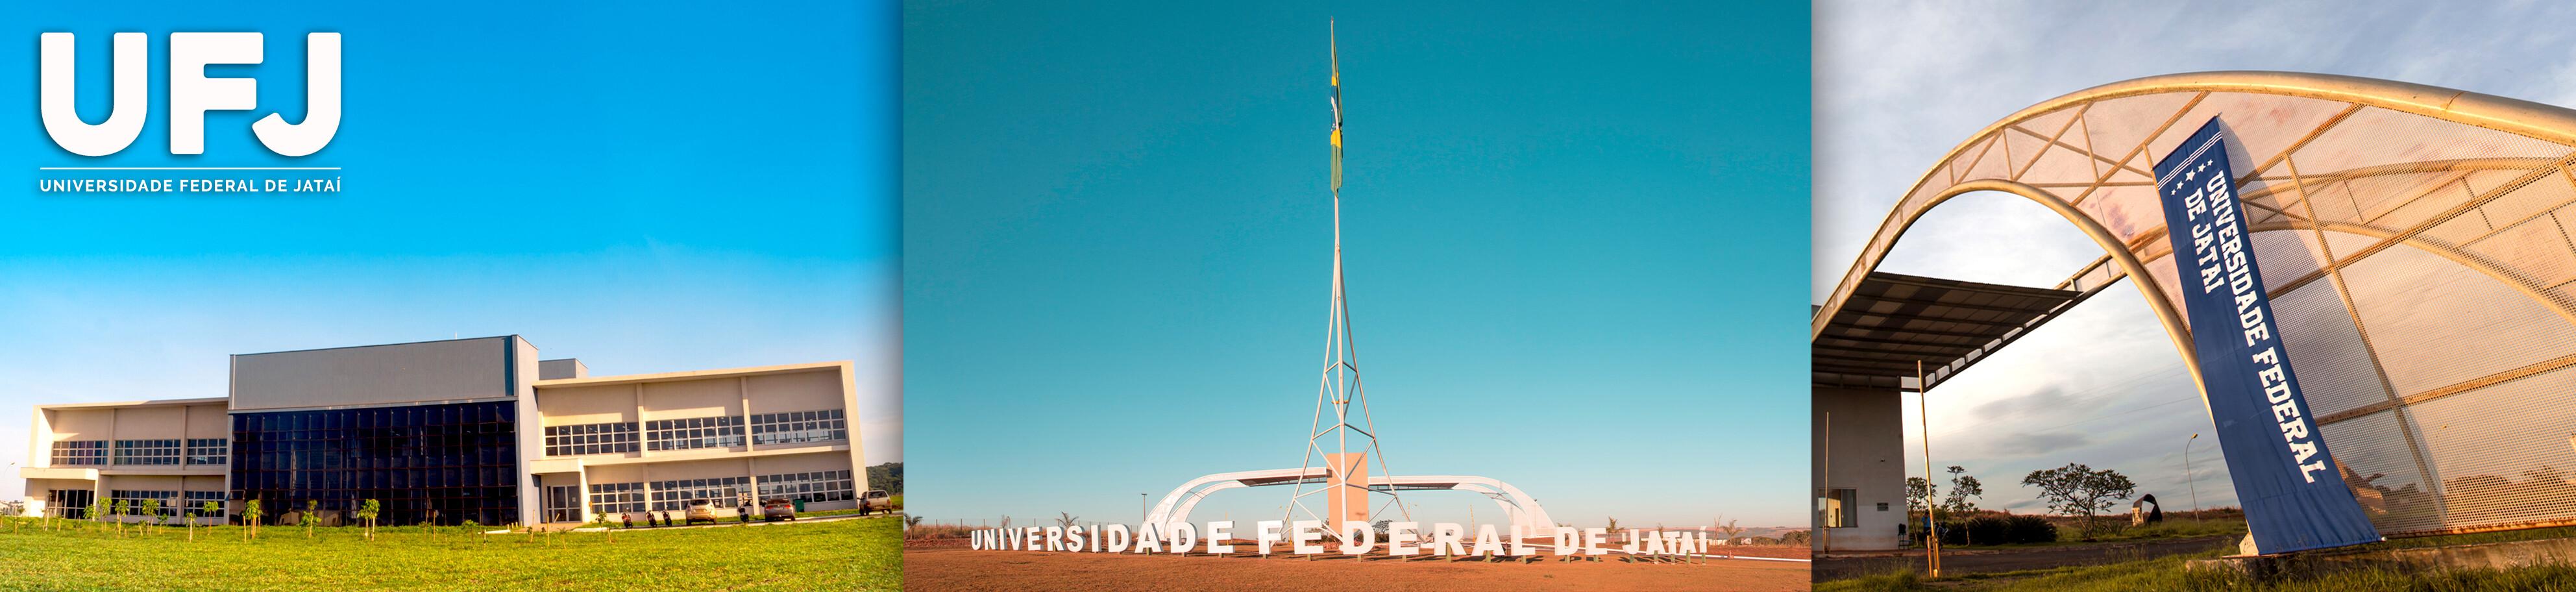 Banner UFJ 2